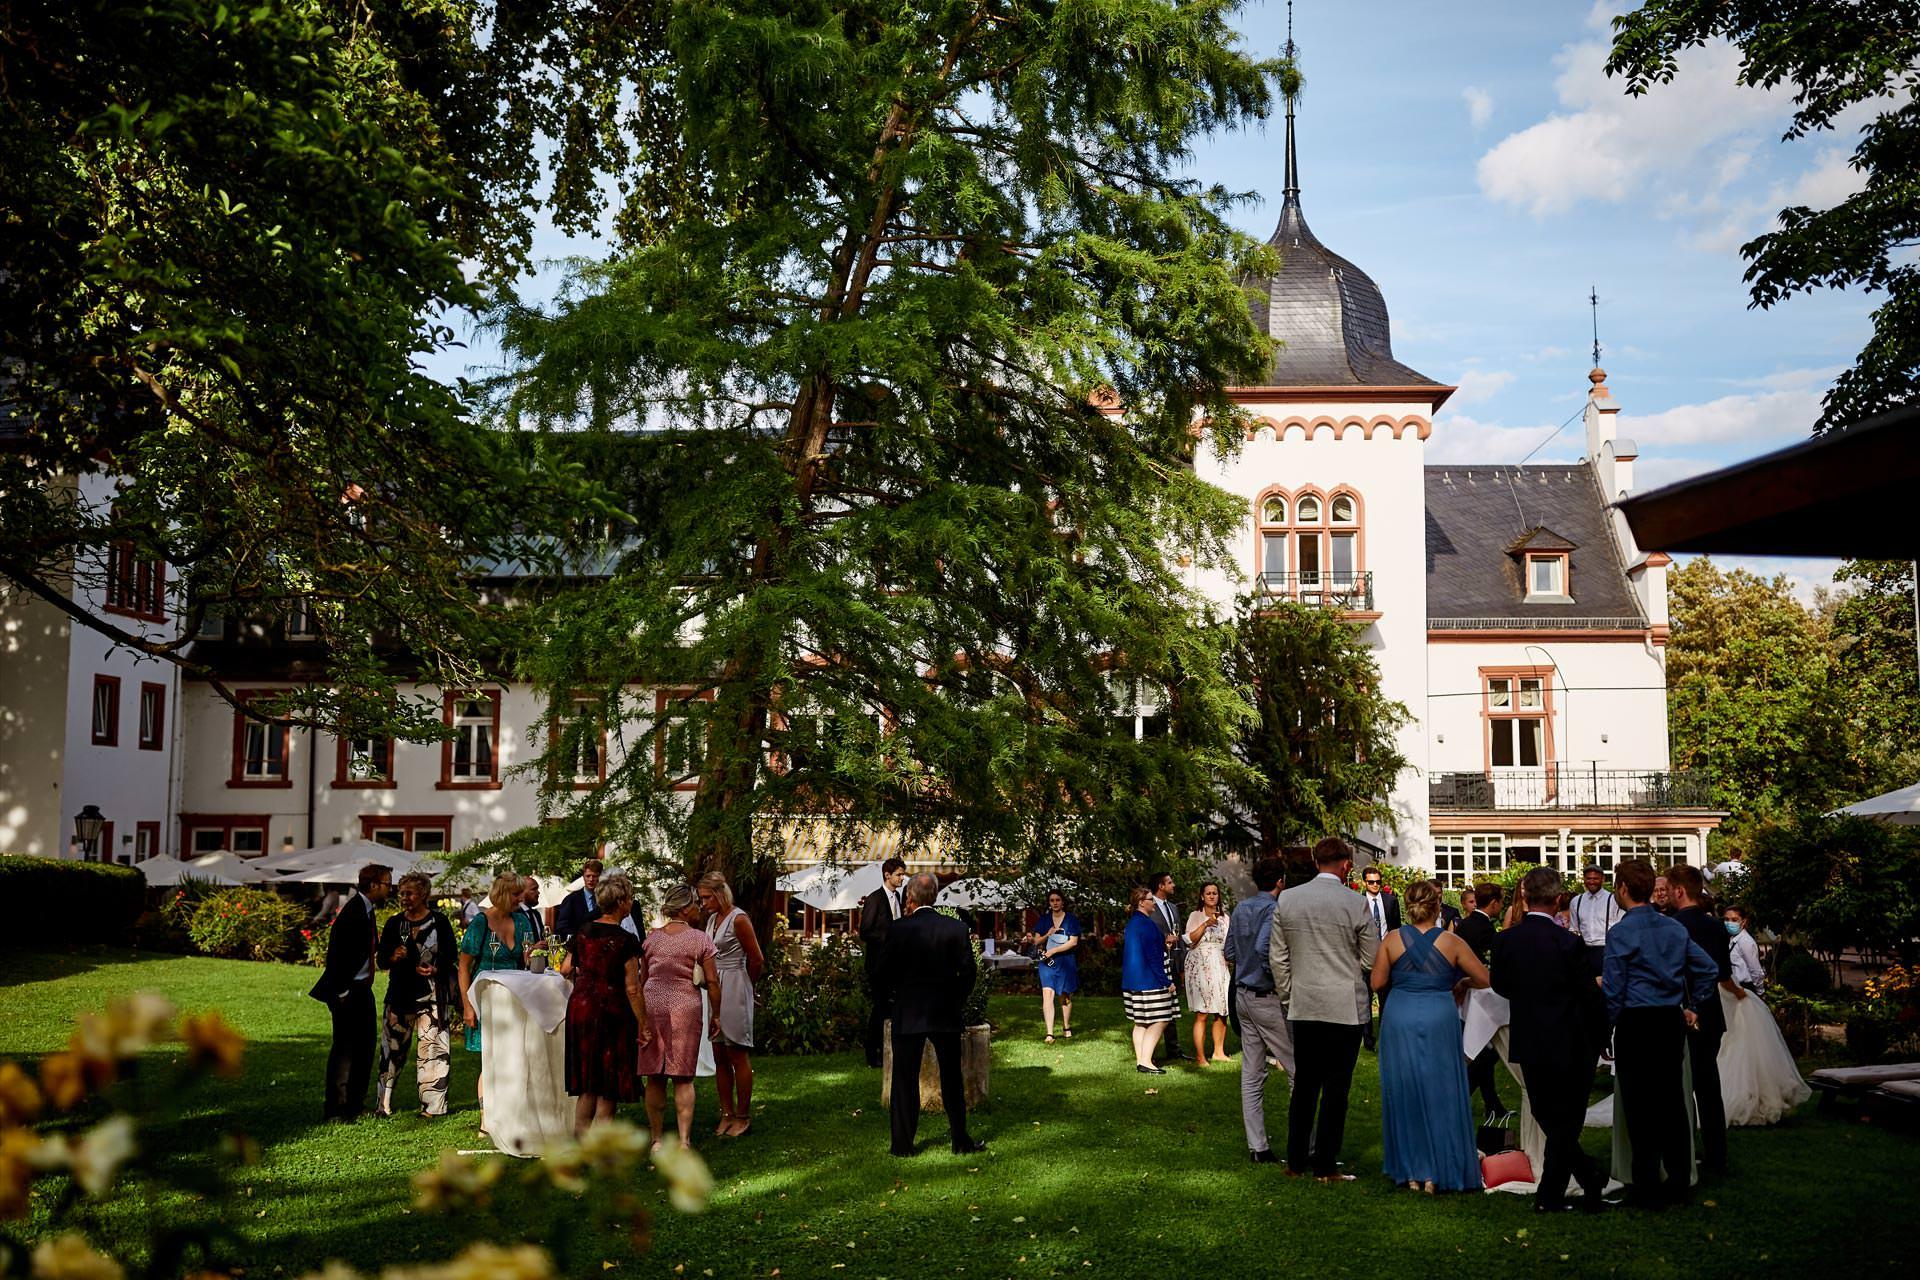 heiraten-im-rheingau-Heiraten-im-Rheingau-Kronenschlösschen-20_CA_594_